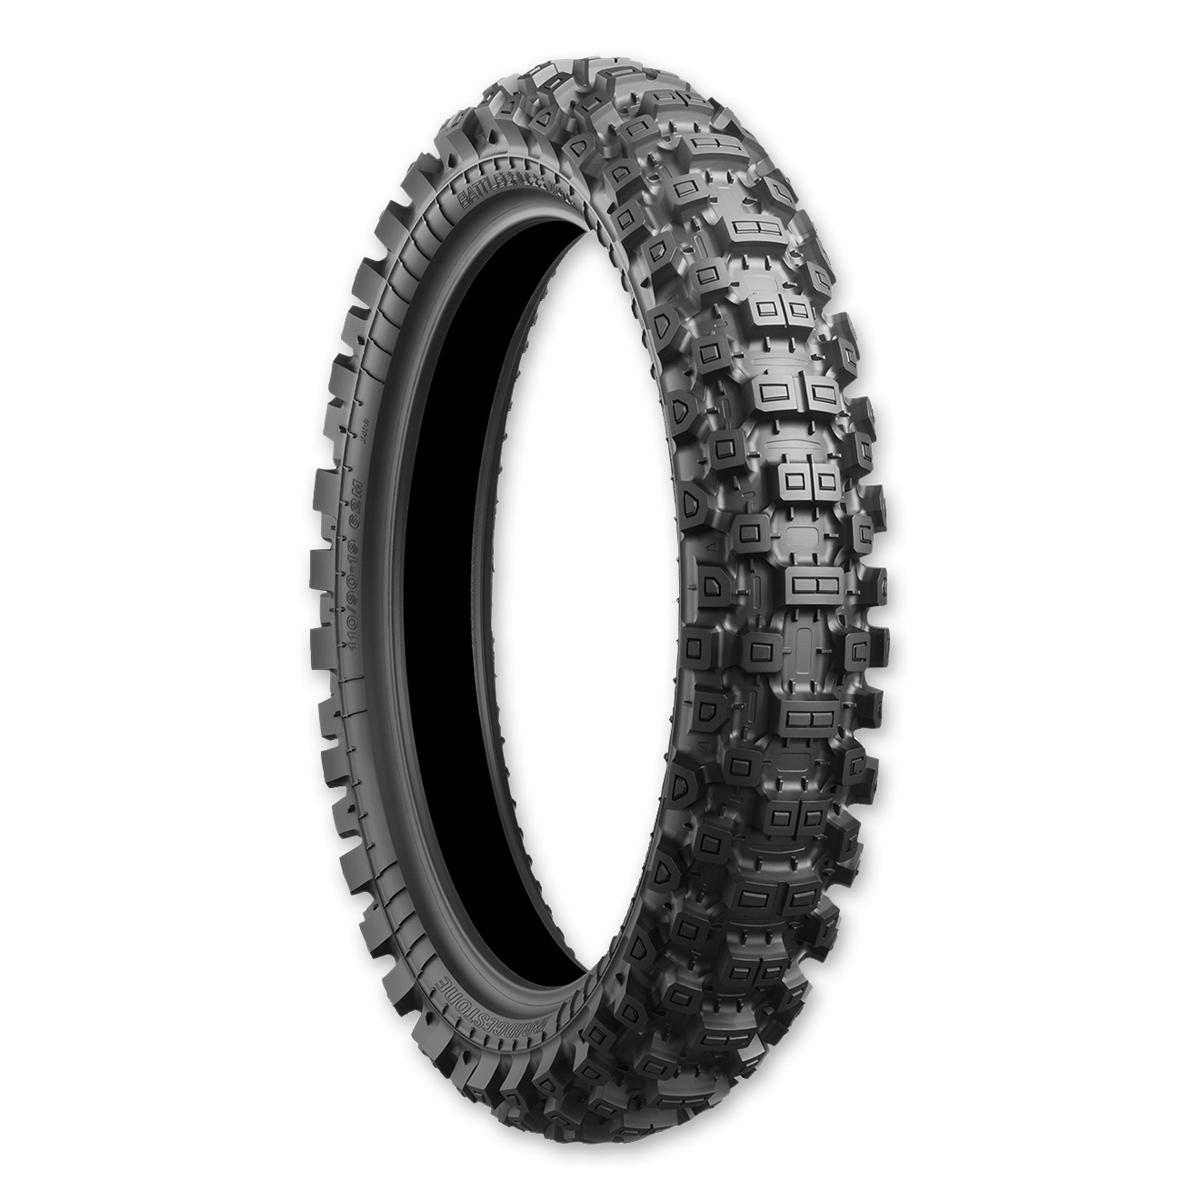 Bridgestone Battlecross X40 100/90-19 H/T Rear Tire